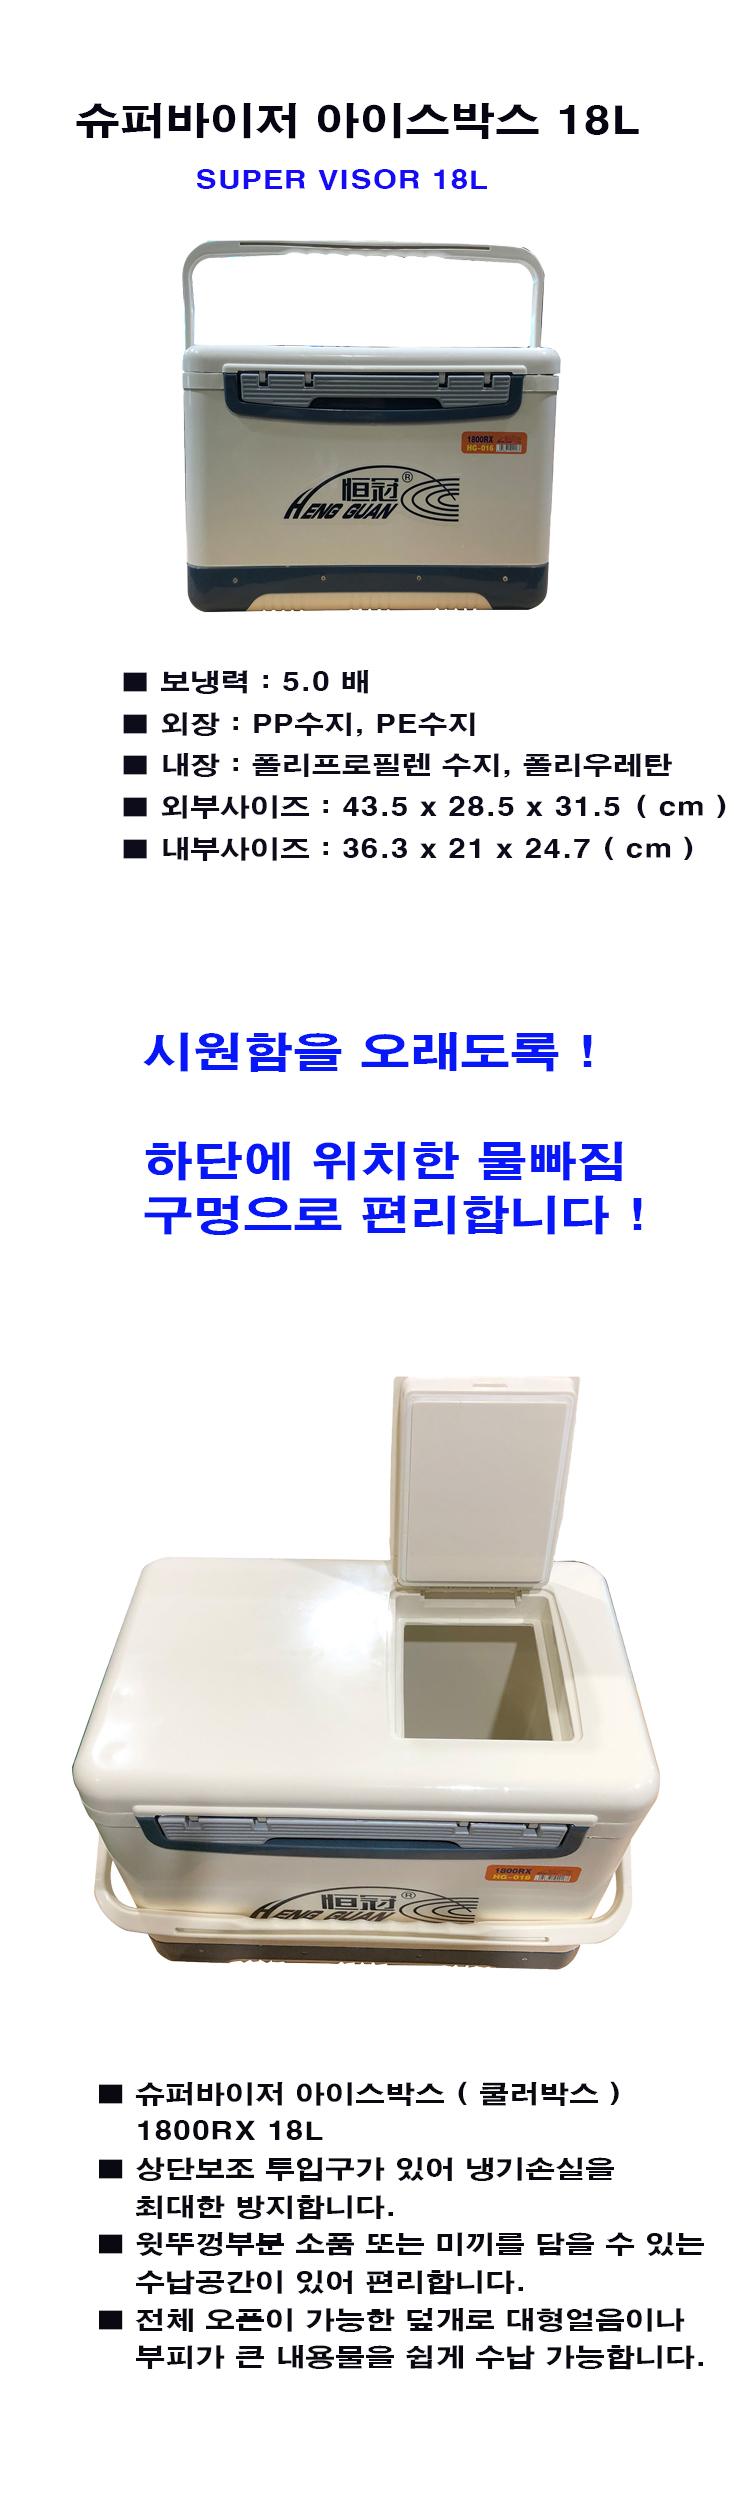 8a876884993a32a7ab991b1abd697d97_1596437848_0358.jpg